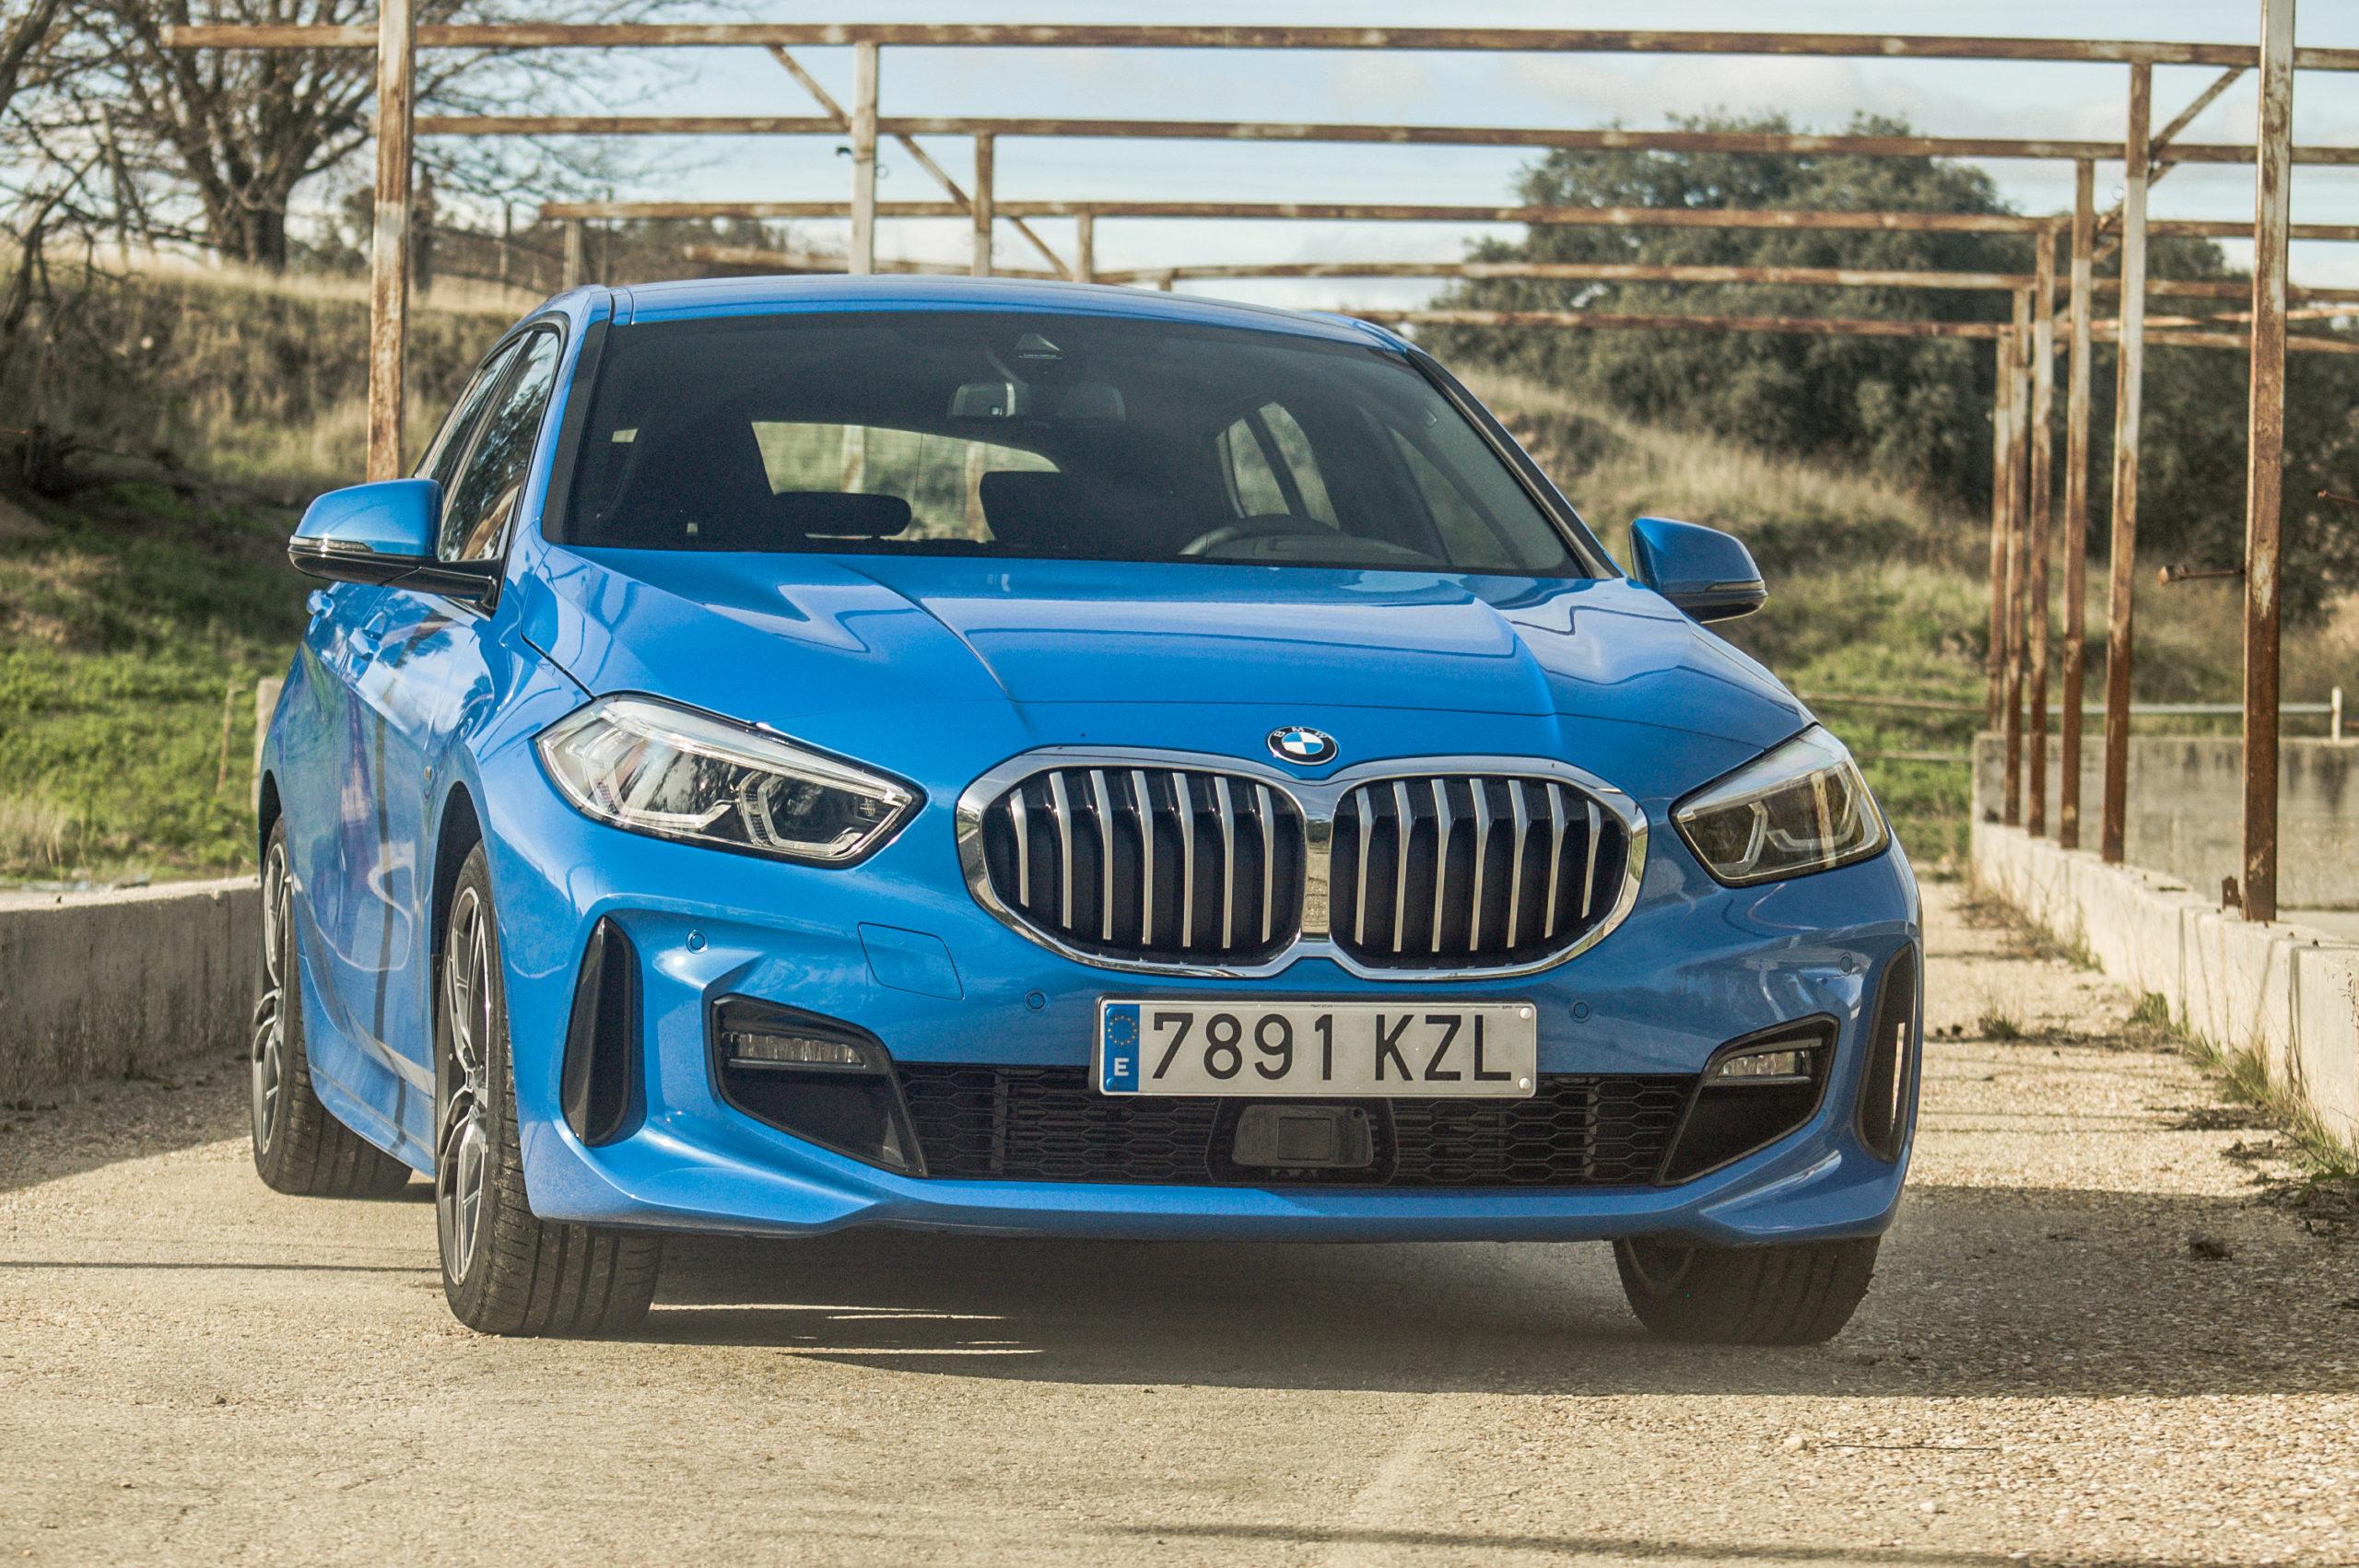 Nuevo BMW serie 1, muchos cambios, manteniendo su carácter deportivo